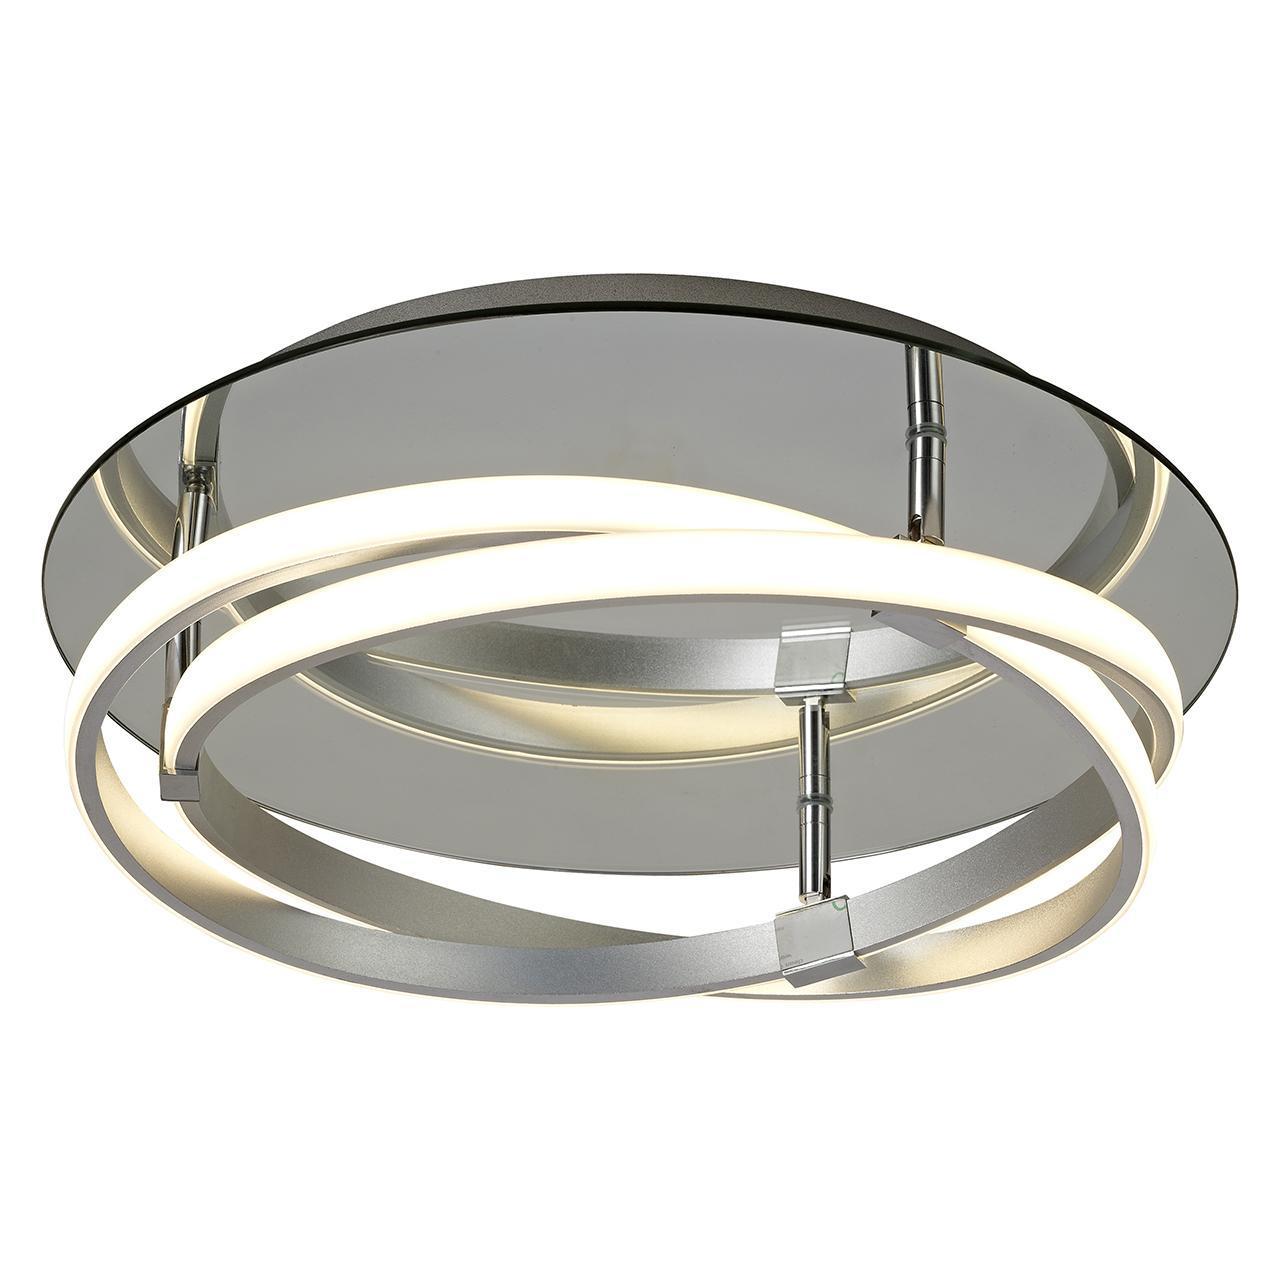 Потолочный светодиодный светильник Mantra Infinity 5382 mantra потолочный светодиодный светильник mantra infinity 5992